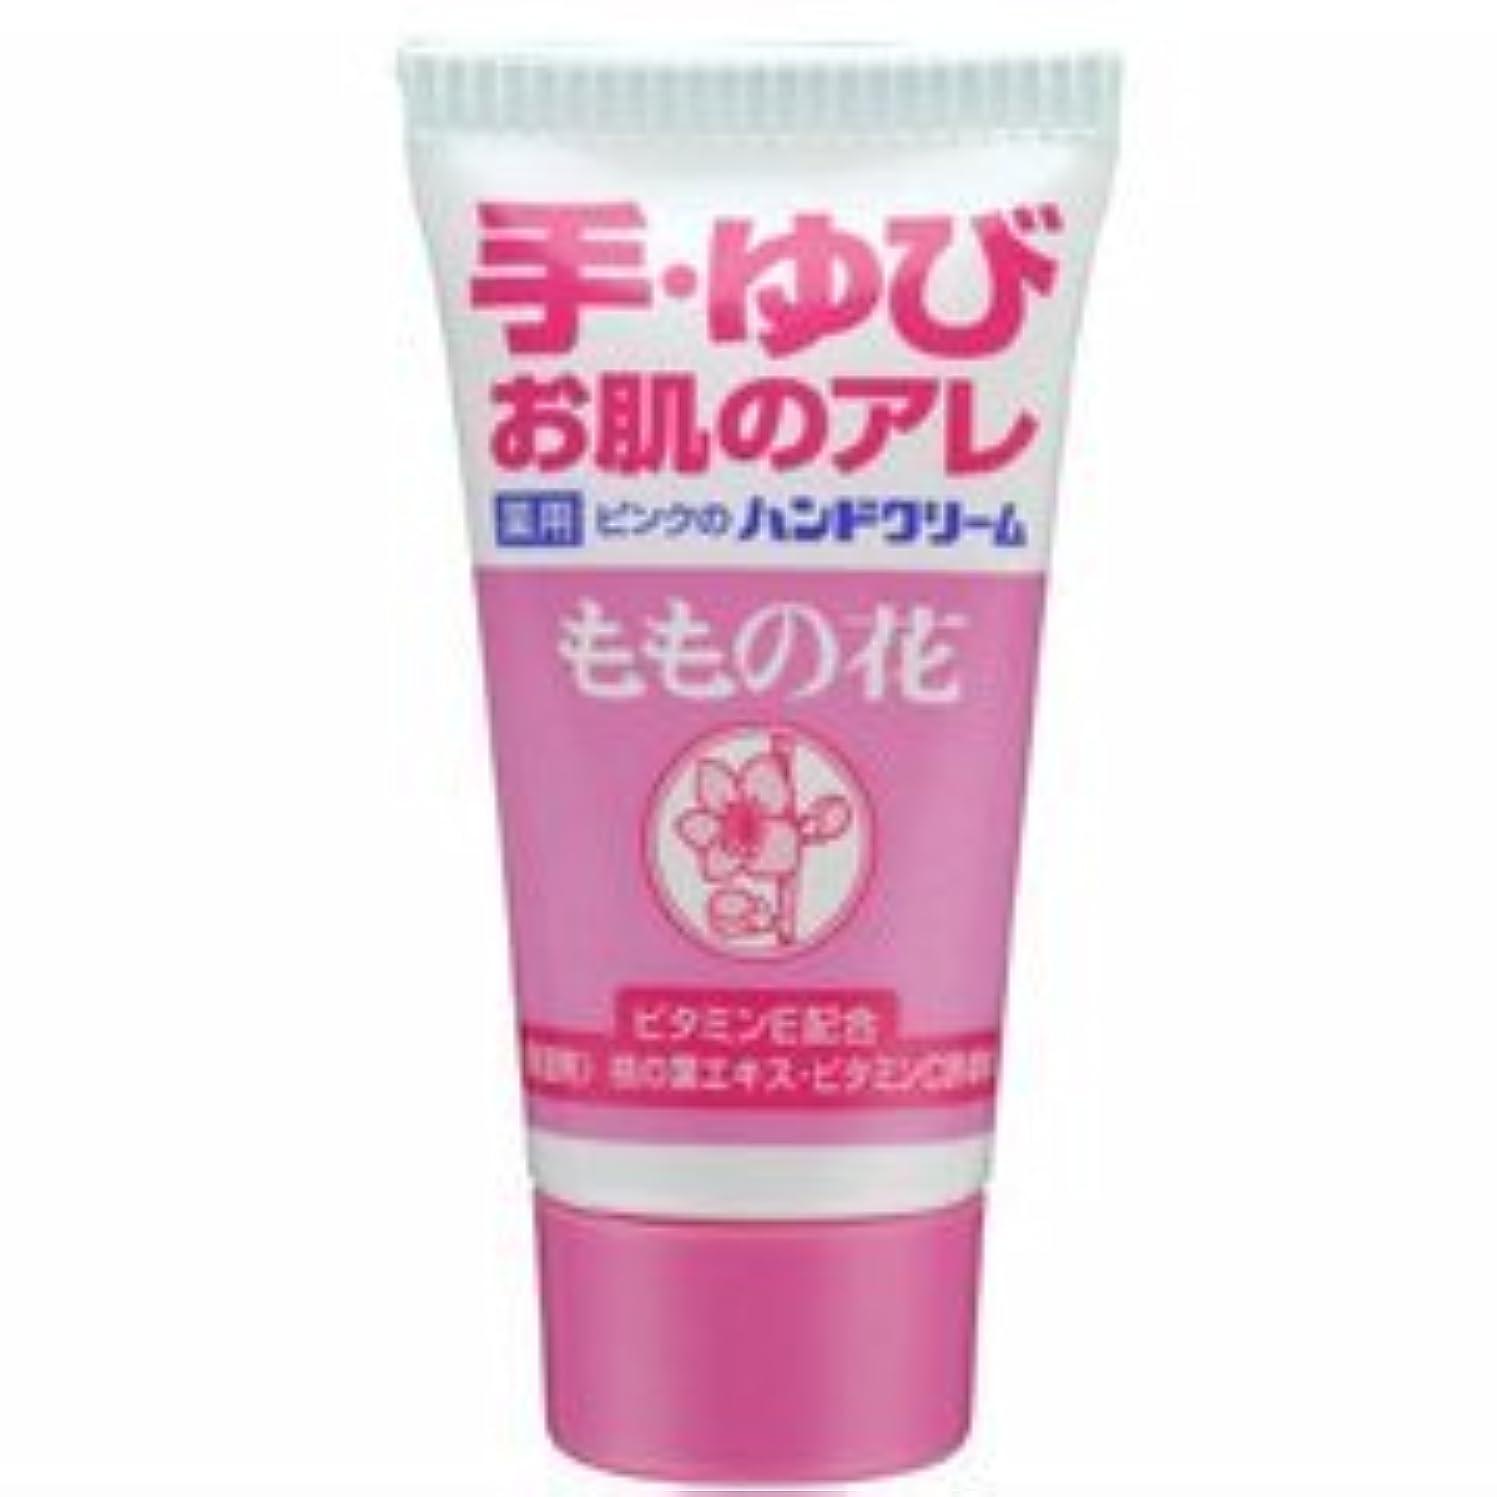 マラウイピンチ畝間【オリヂナル】ハンドクリーム ももの花 チューブ 30g